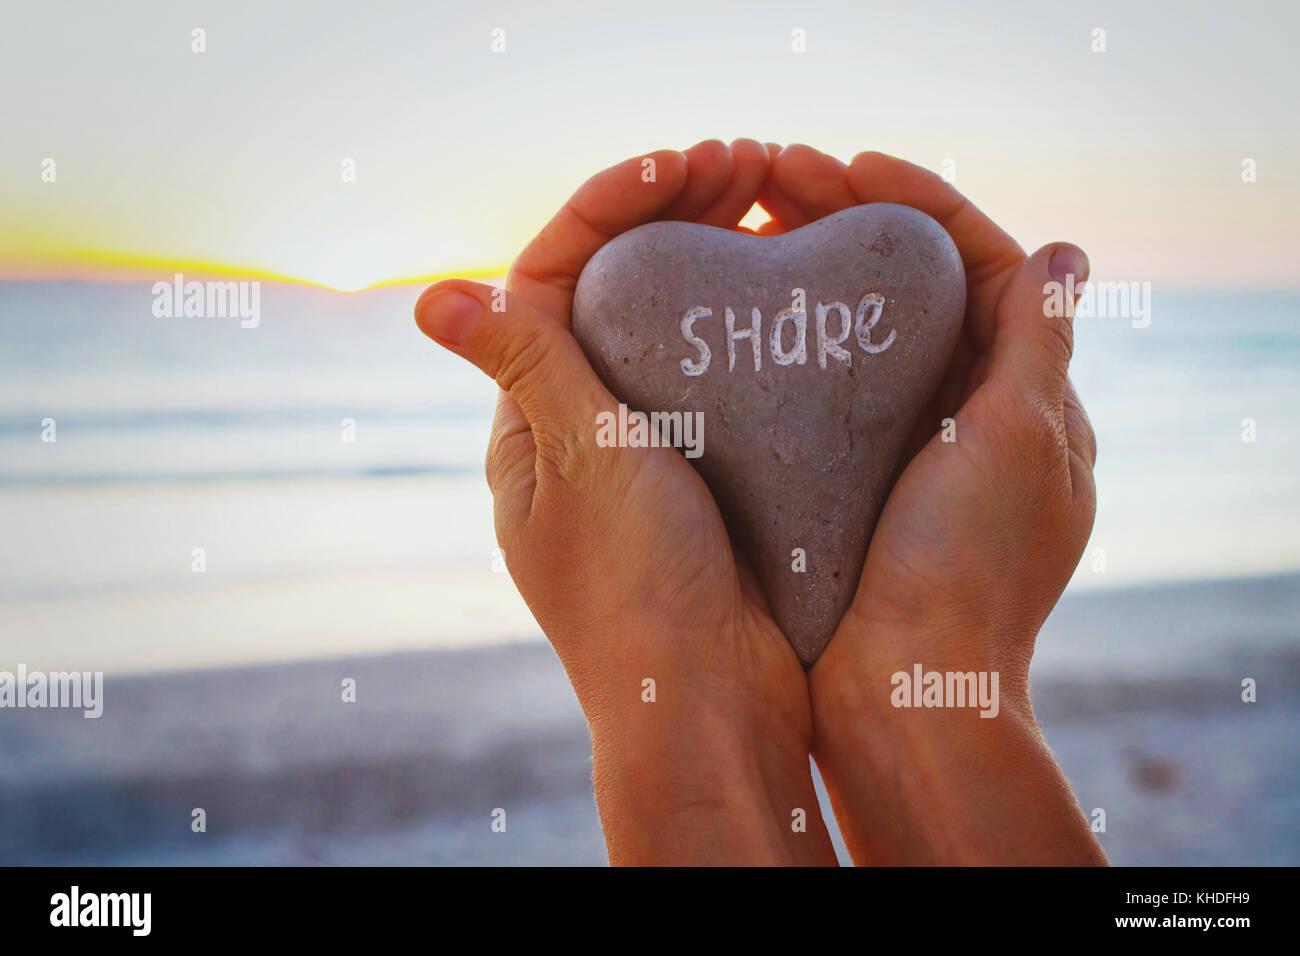 Condividi concetto, mani di pietra con parola scritta su di esso Immagini Stock